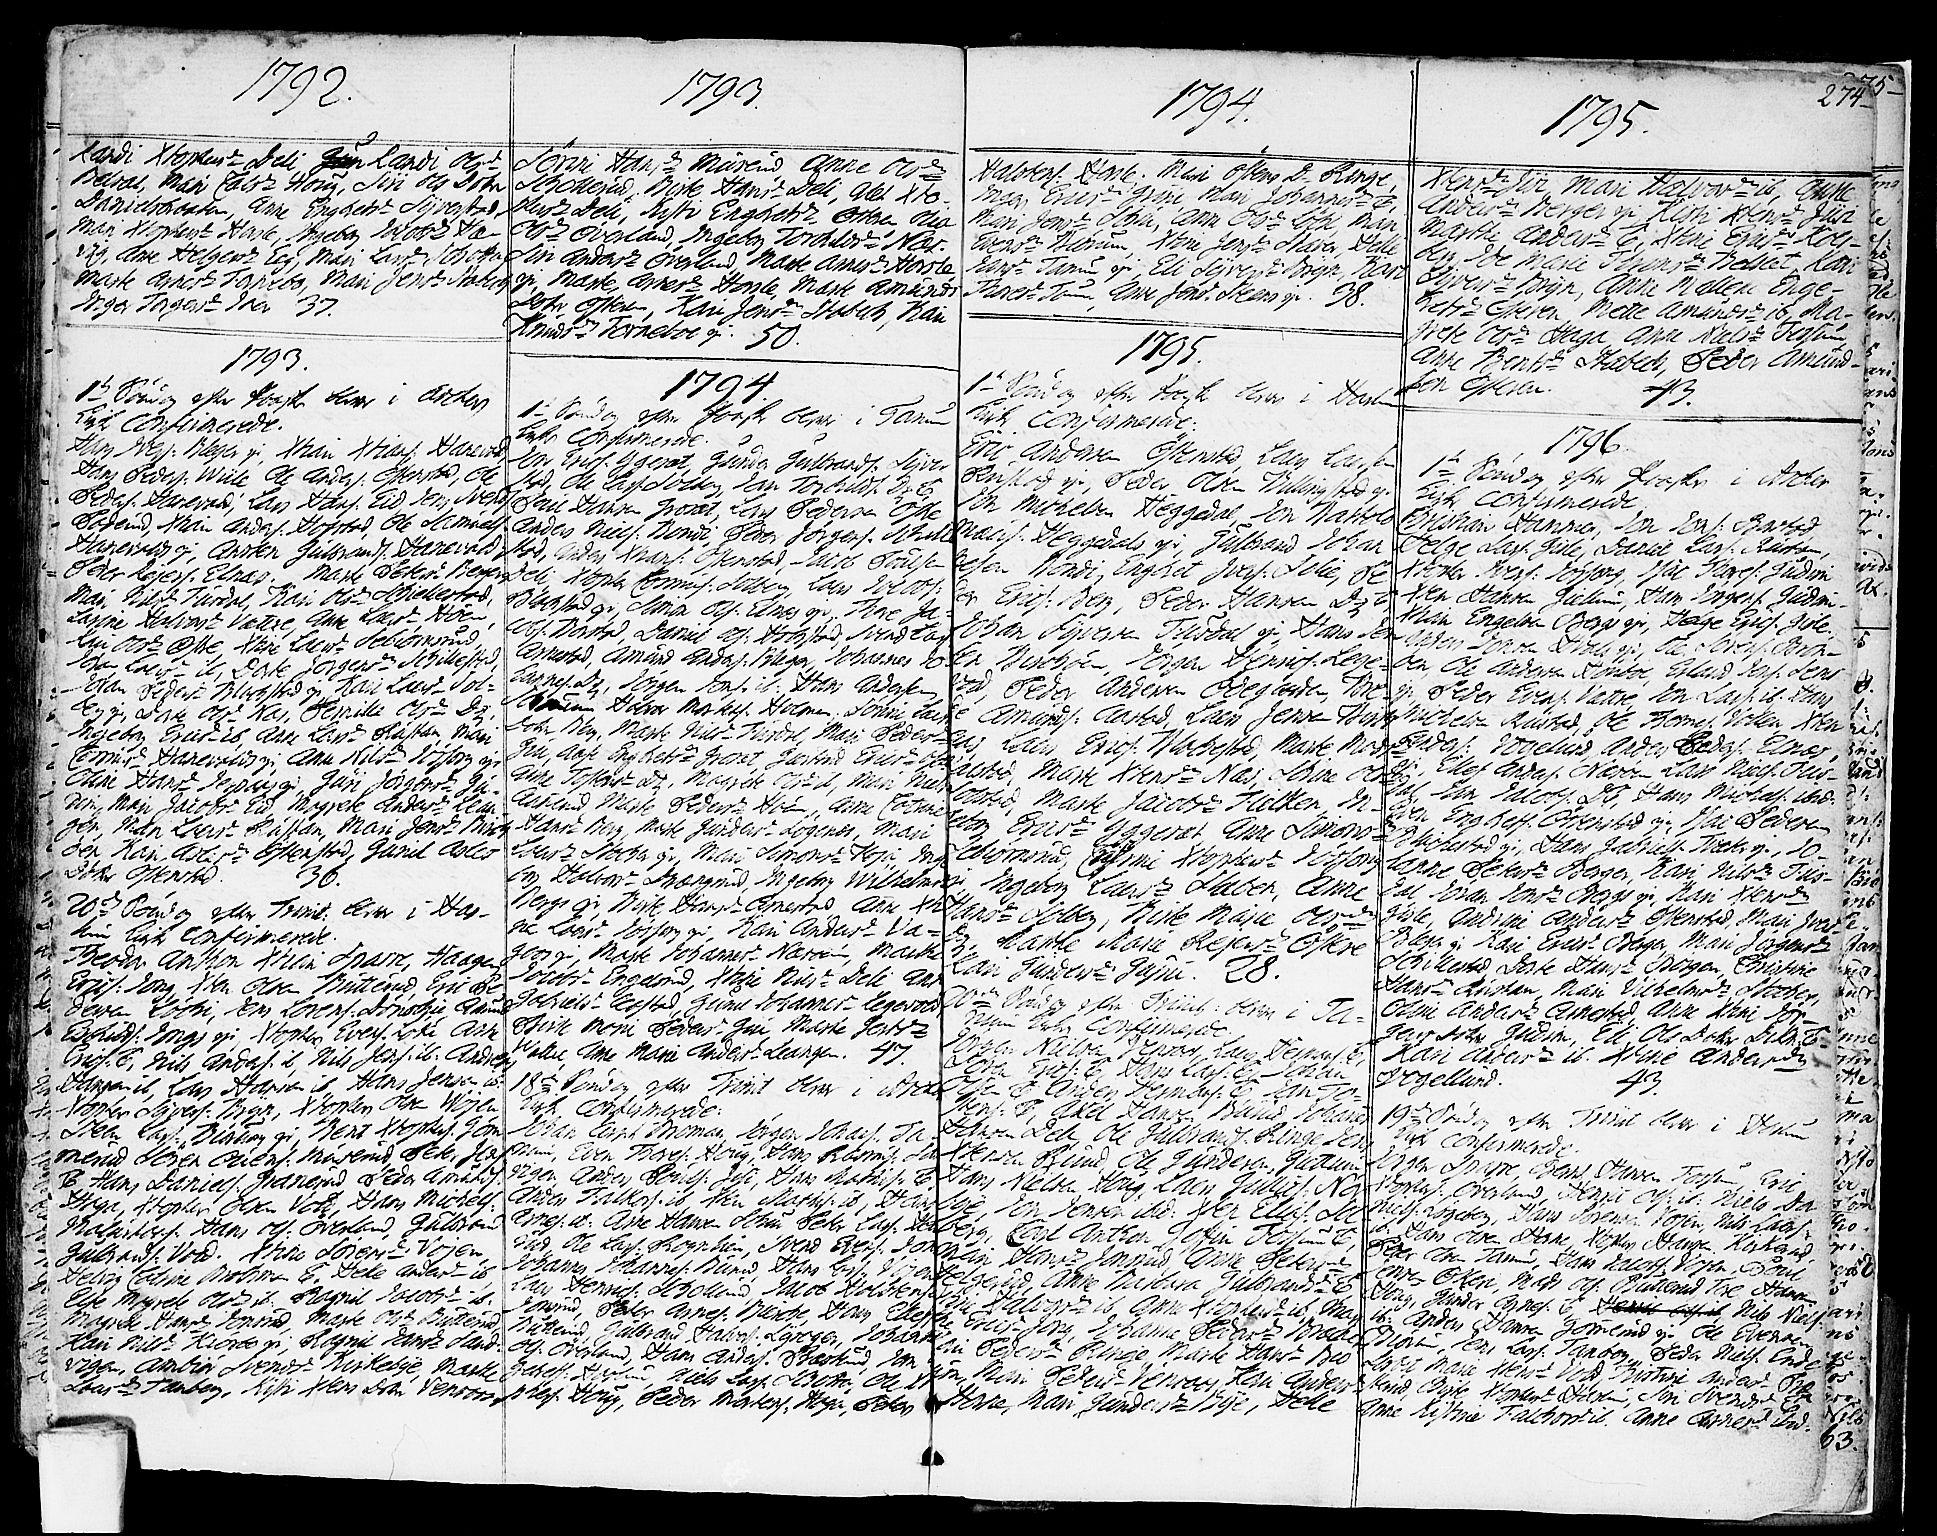 SAO, Asker prestekontor Kirkebøker, F/Fa/L0003: Ministerialbok nr. I 3, 1767-1807, s. 274